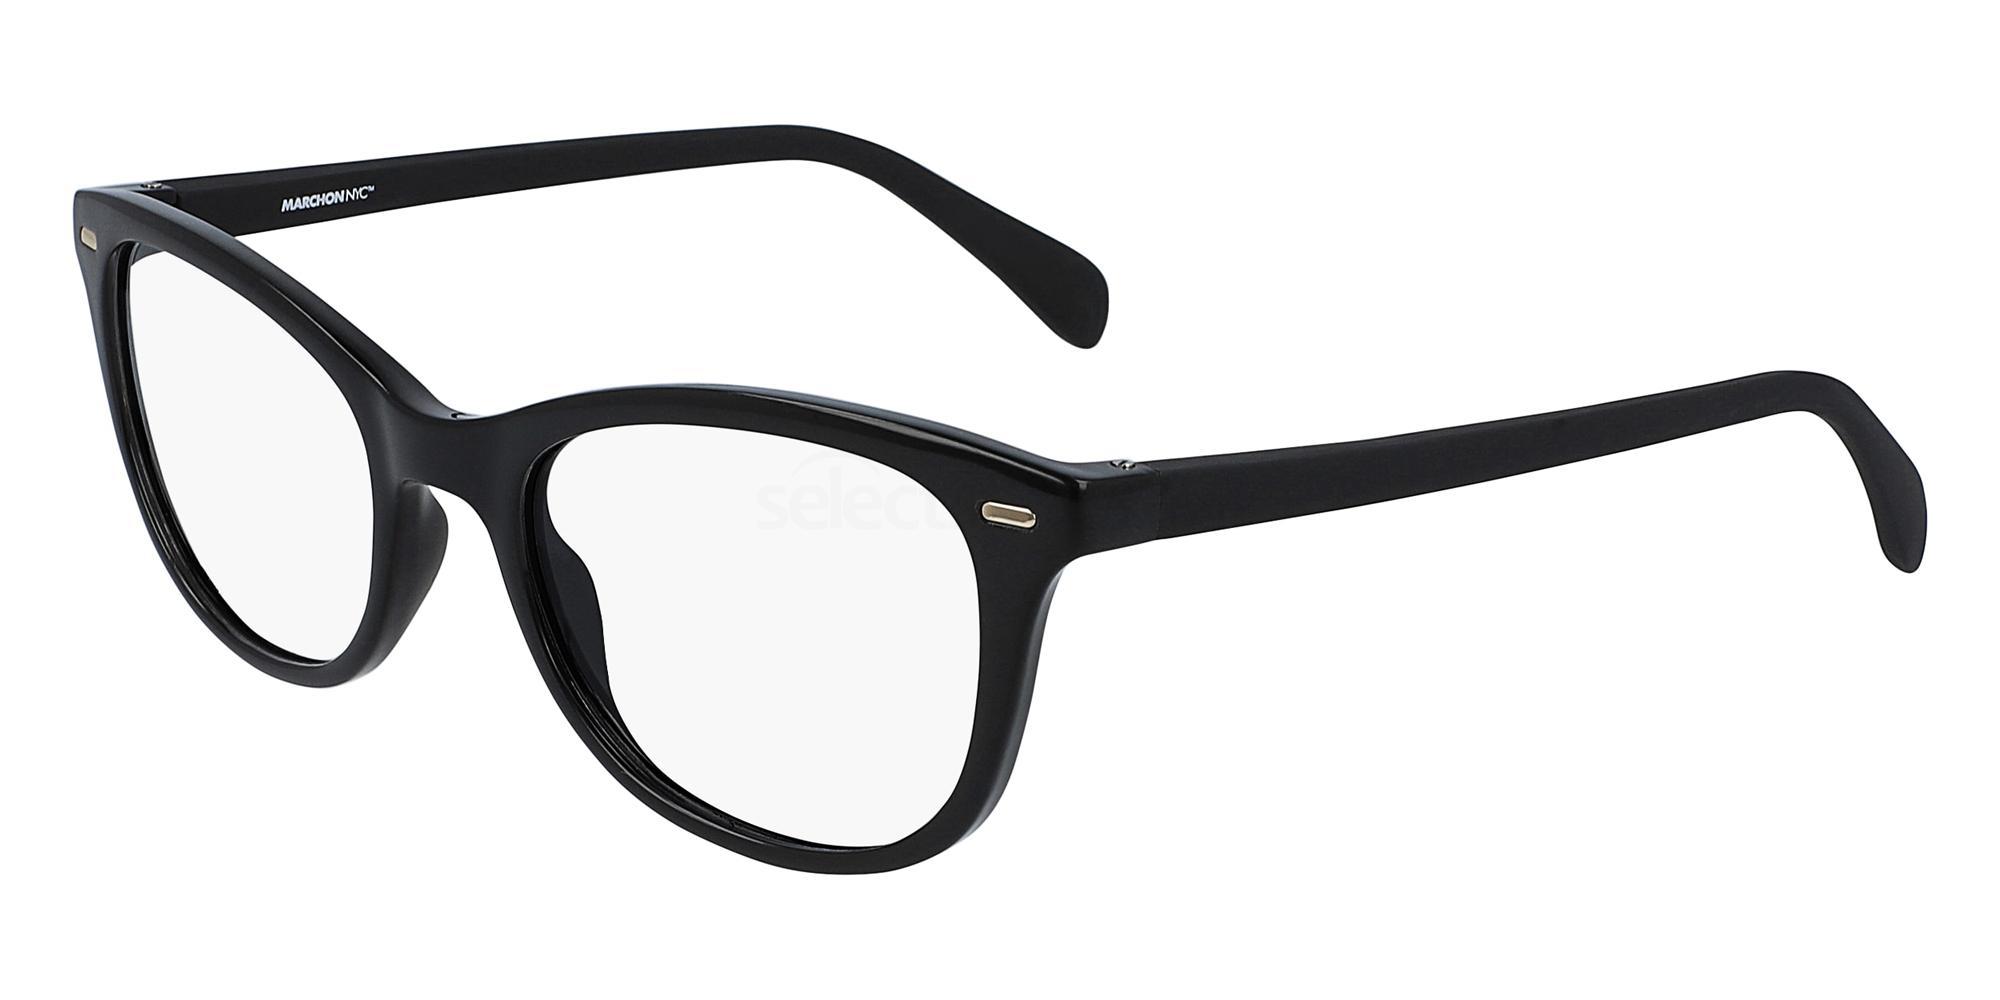 001 M-5803 Glasses, Marchon